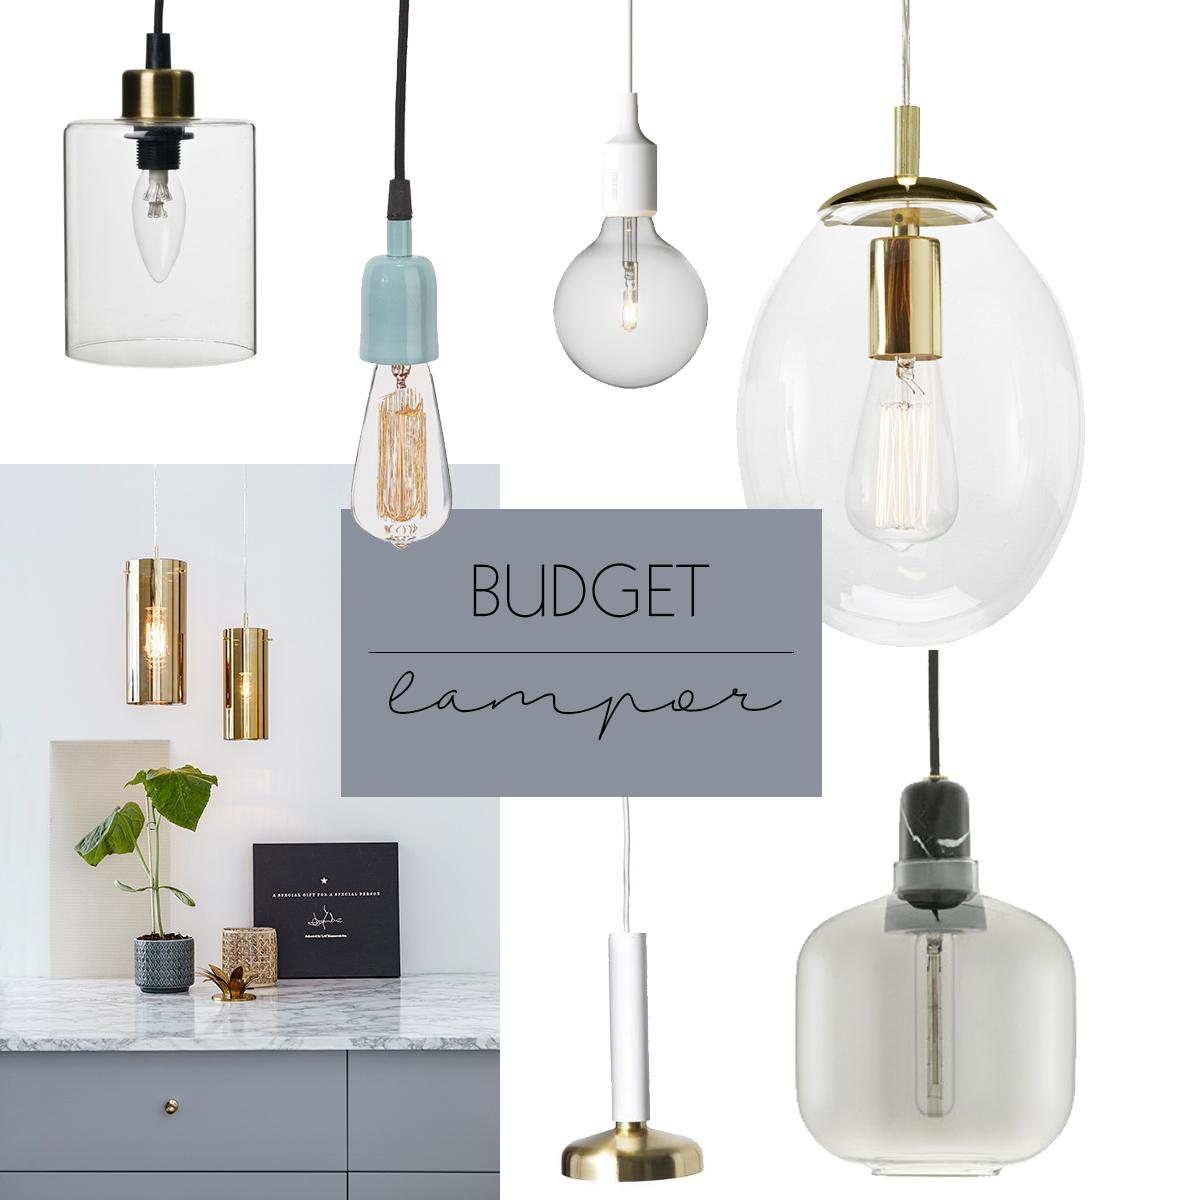 Kök Lampa Kök Tusentals idéer om inredning och hem design bilder